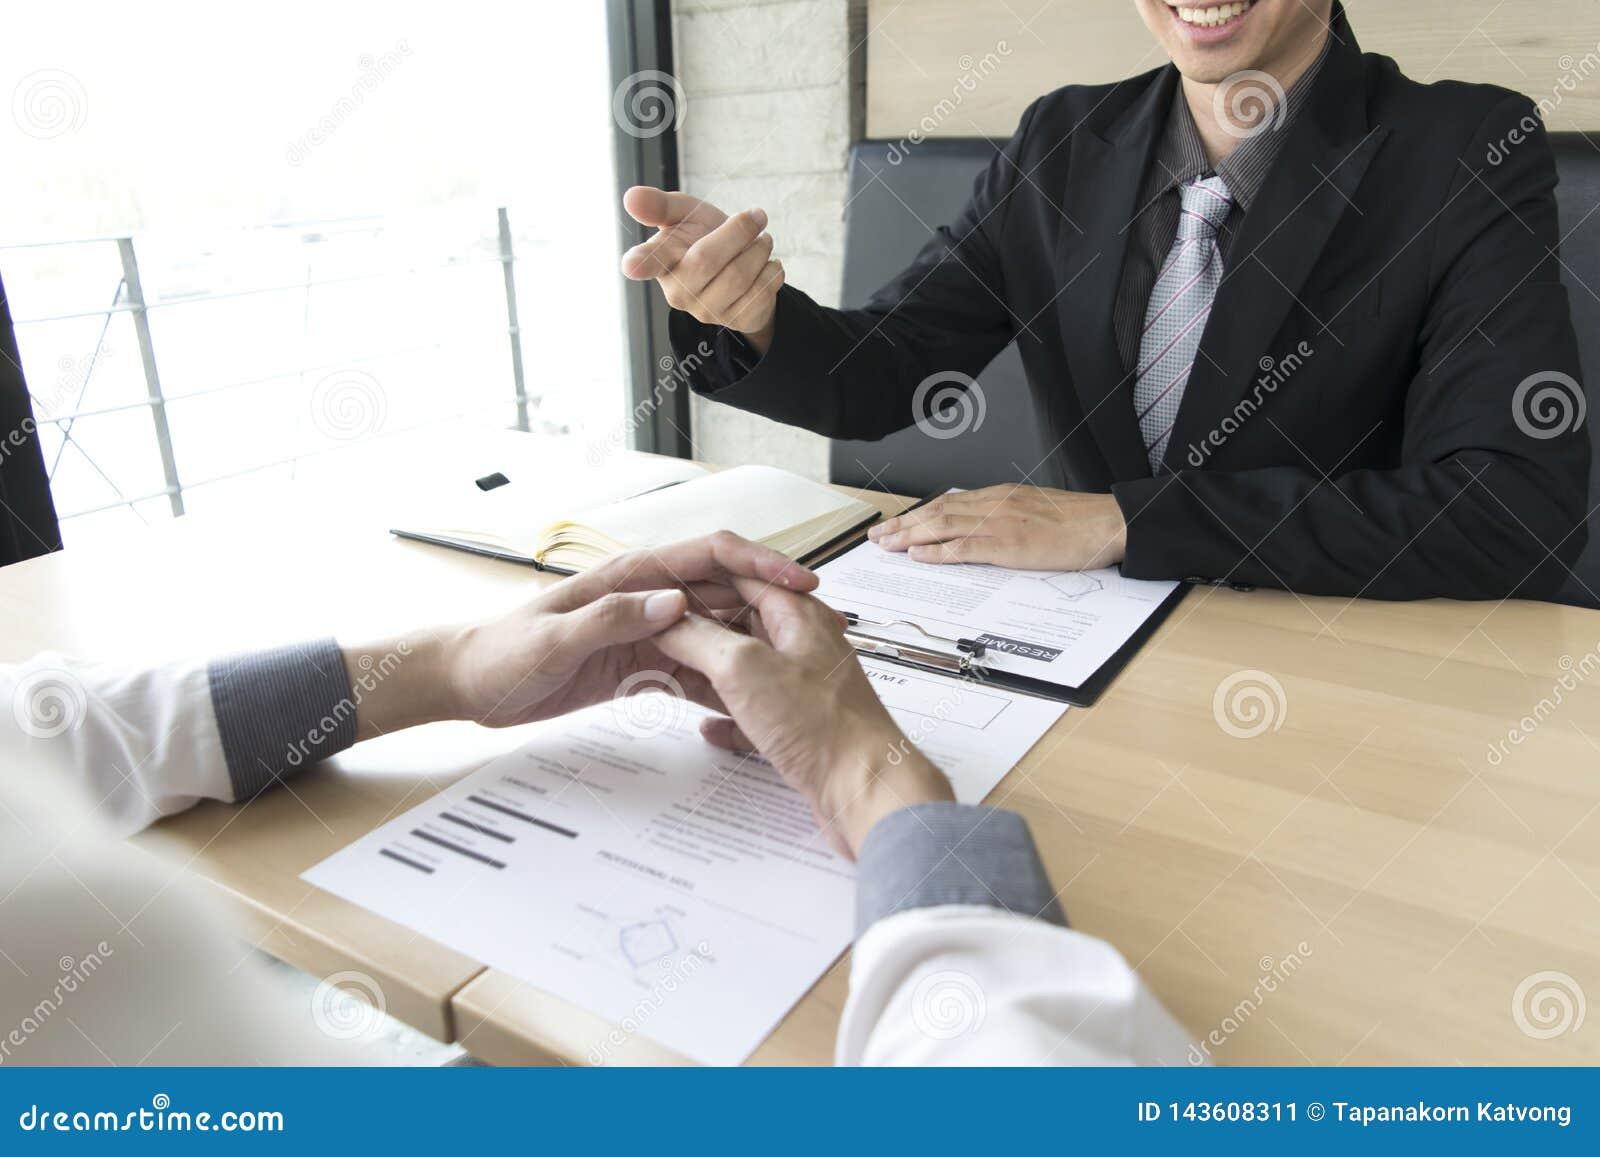 Des jeunes hommes sont interviewés par des employeurs L employeur porte un costume noir expliquant la demande d emploi